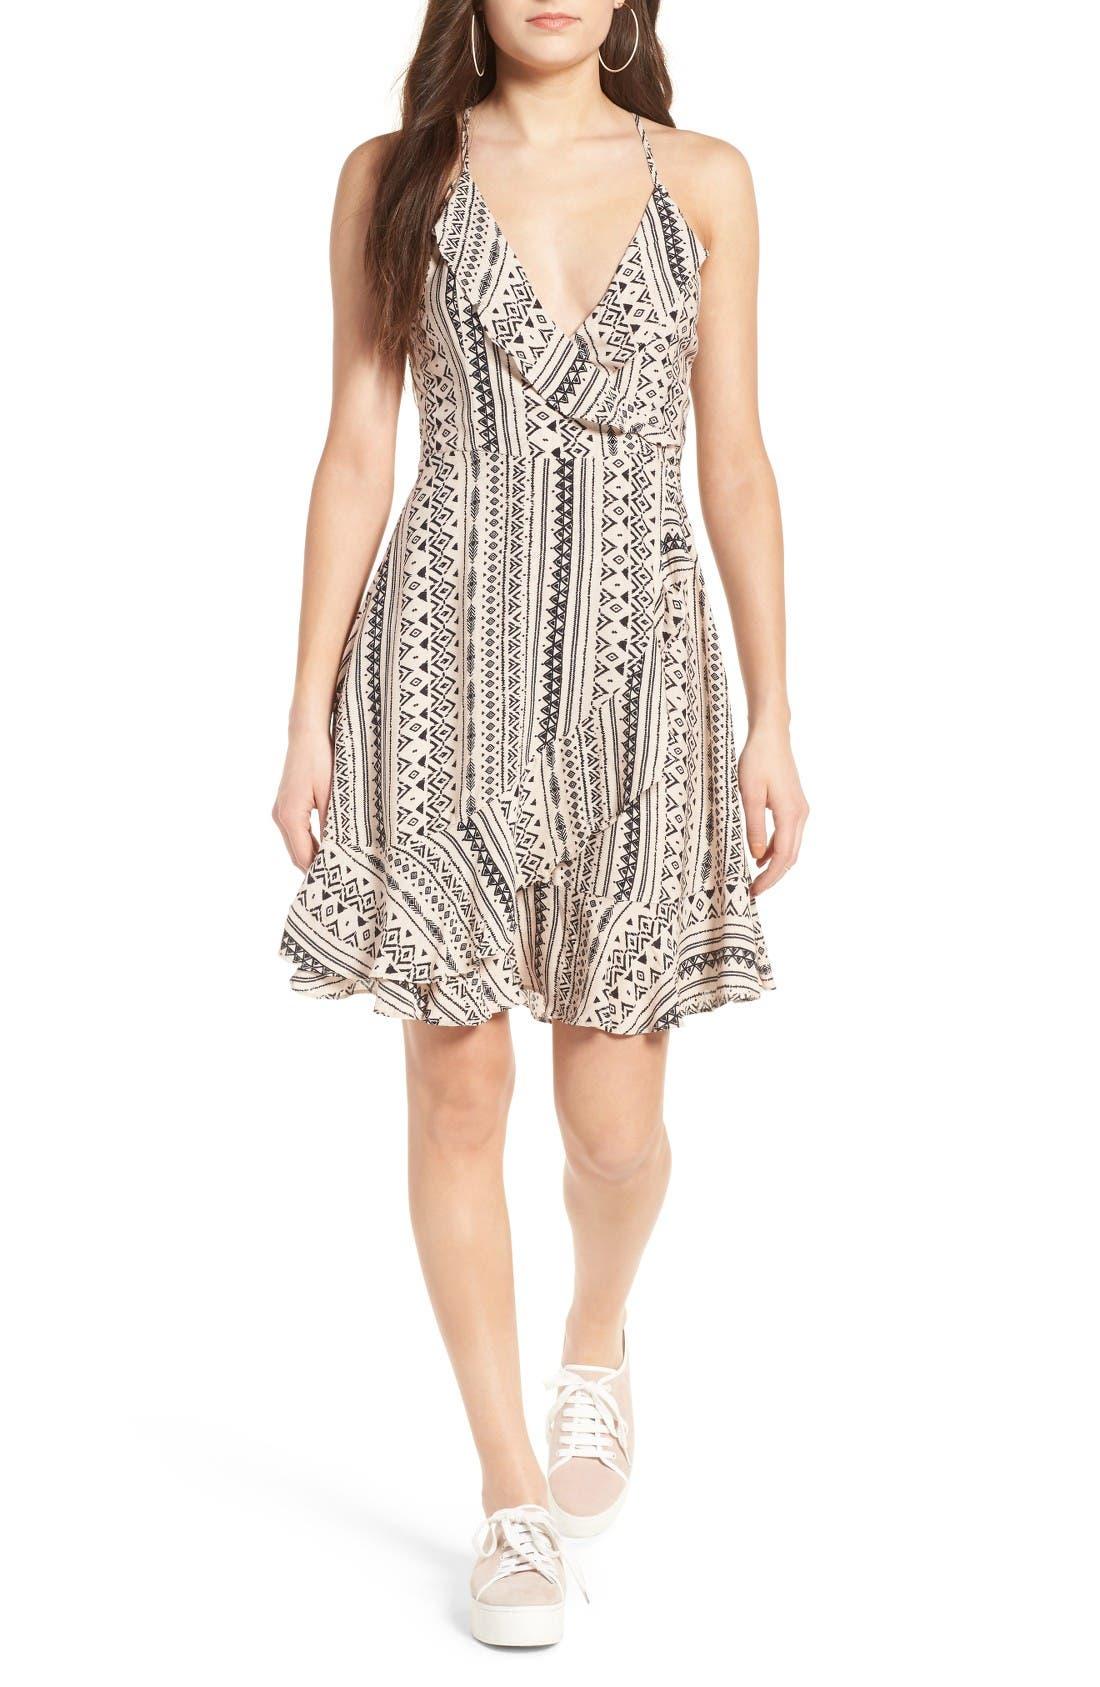 LIRA CLOTHING Wildfire Dress